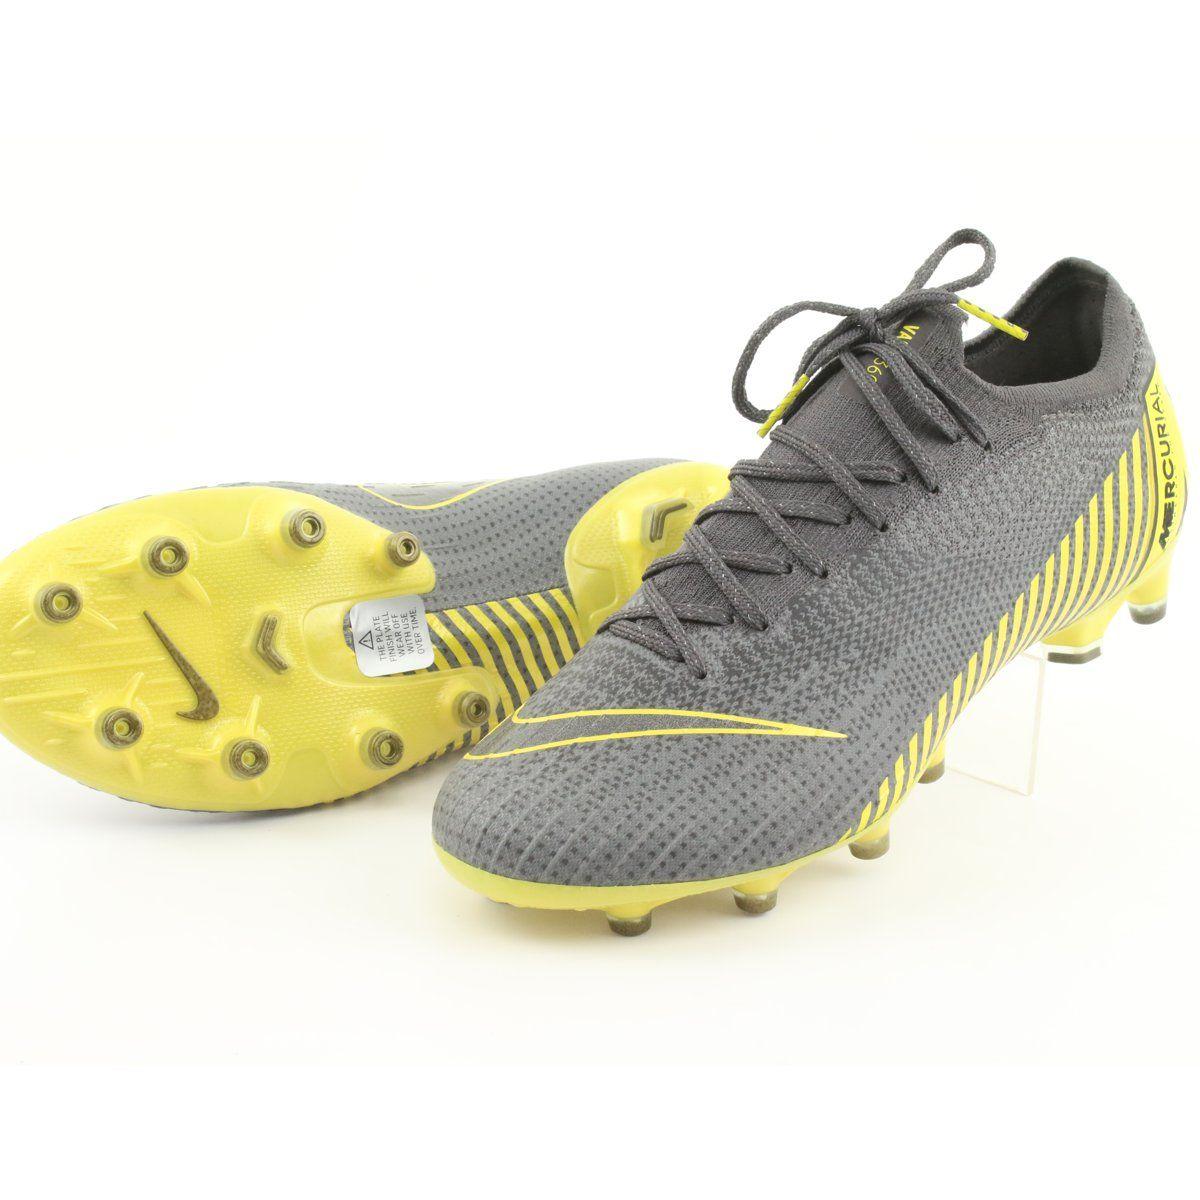 kup dobrze kupić Zjednoczone Królestwo Buty piłkarskie Nike Mercurial Vapor 12 Elite Ag Pro M ...